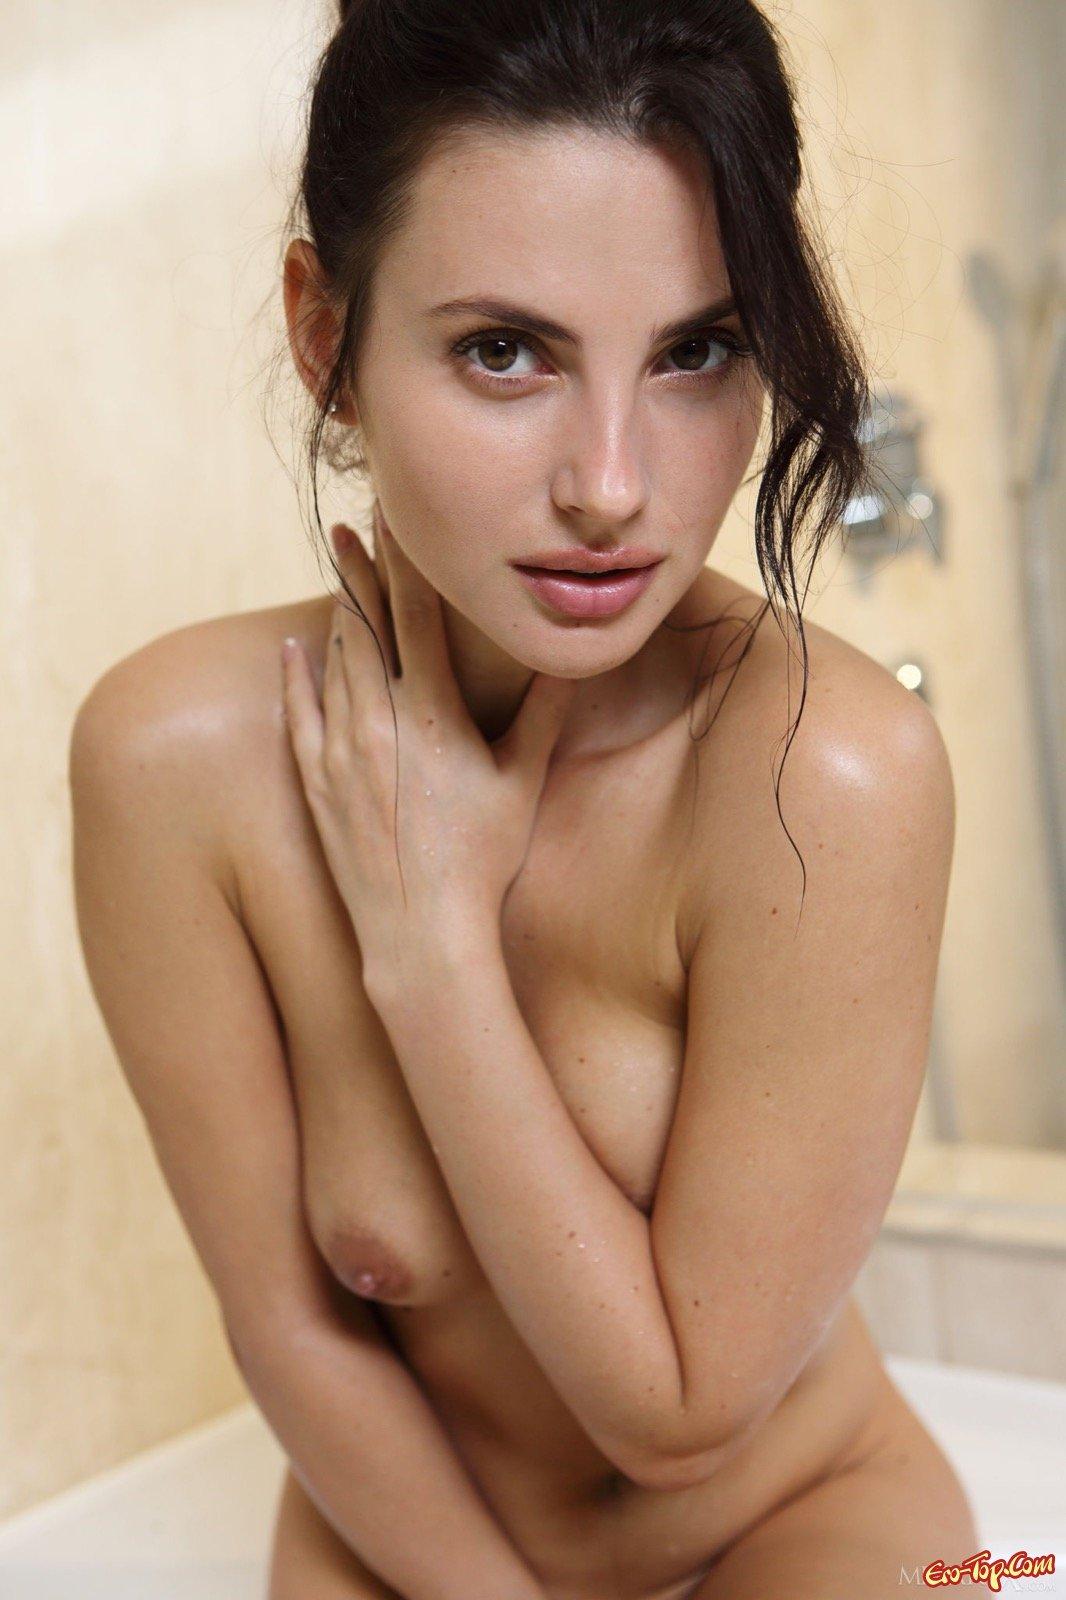 Страстная голая брюнетка в ванной